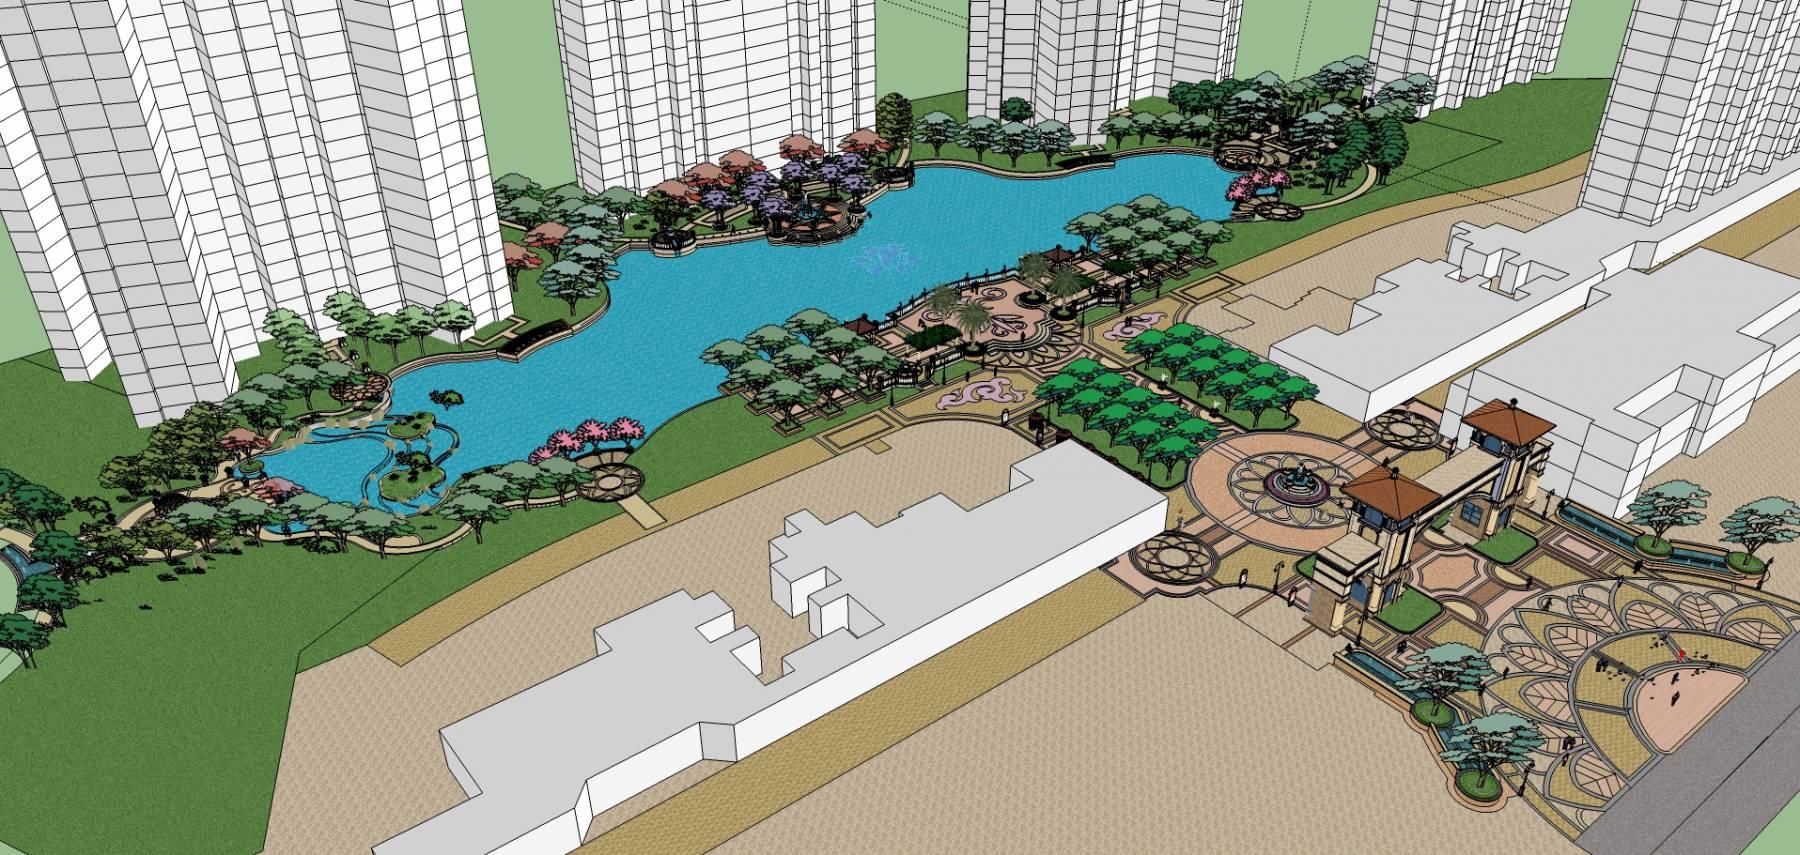 景观完整模型库欧式恒大风格小区凤凰城